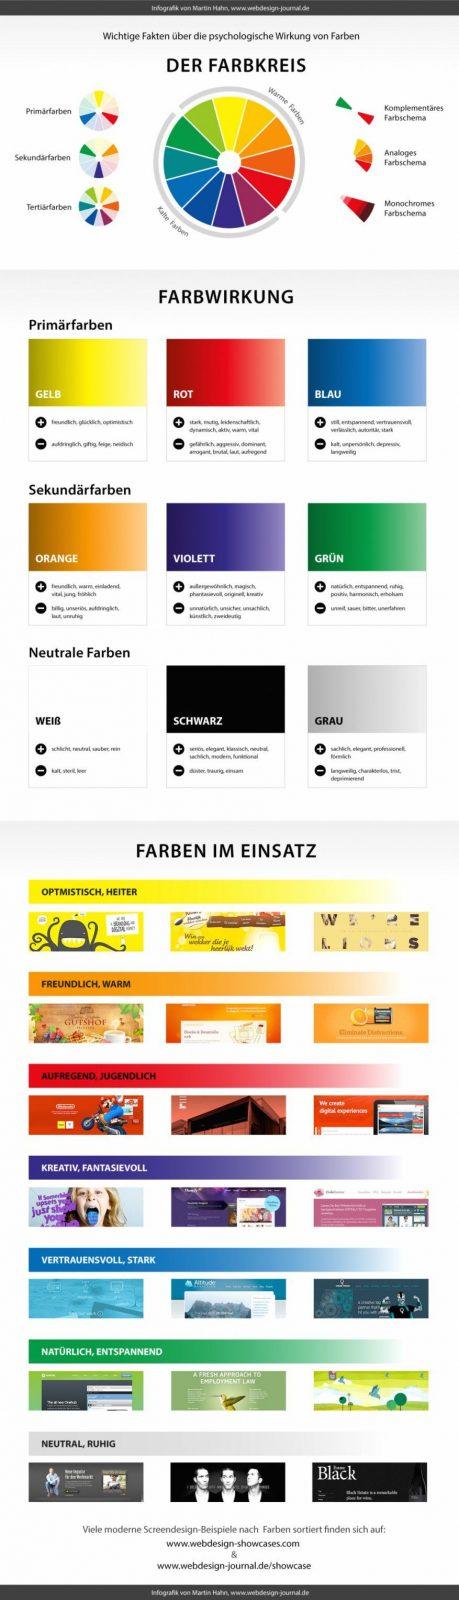 Welche Farben Passen Zusammen Wohnen – Wohndesign von Welche Farben Passen Zusammen Wohnen Photo